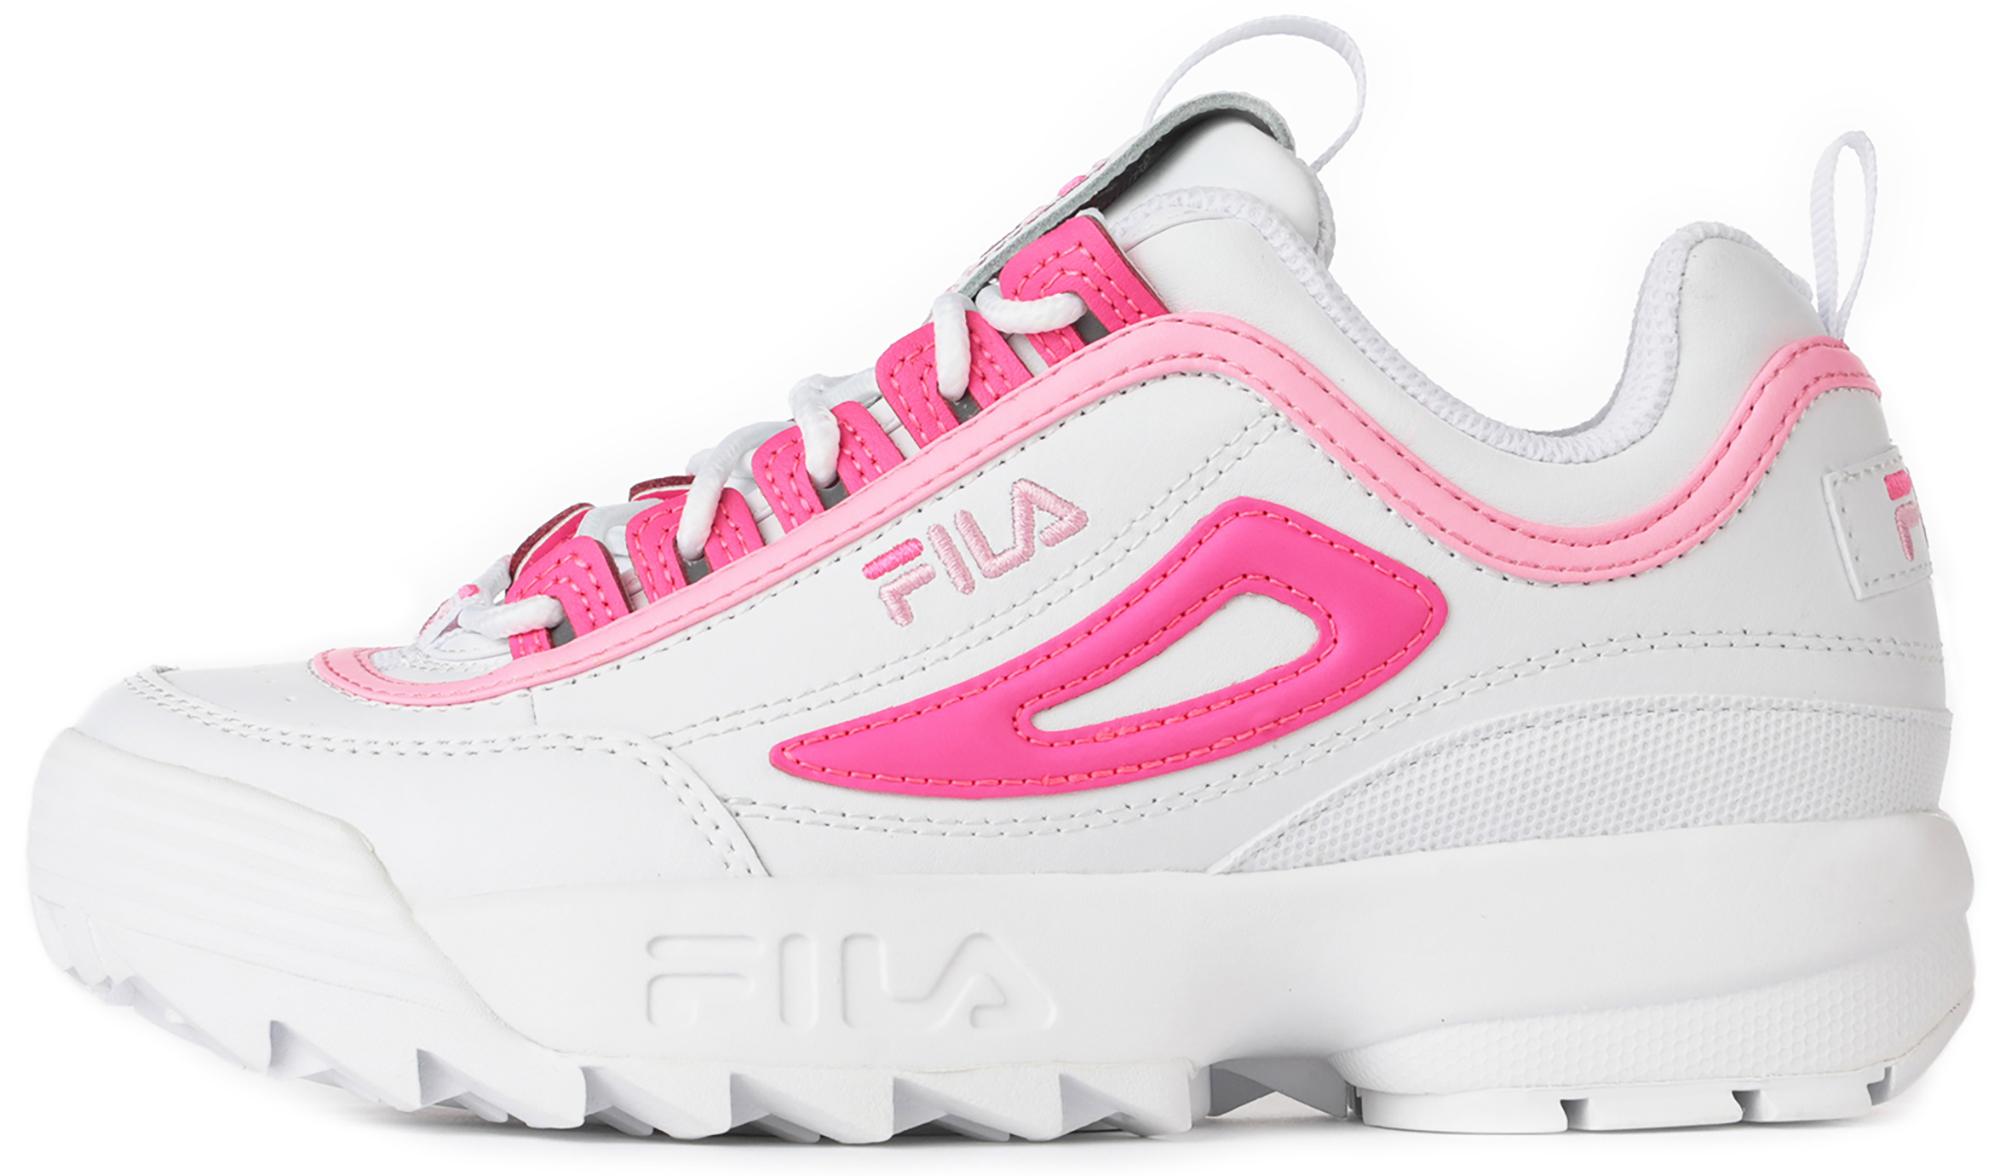 Кроссовки для девочек FILA Disruptor II, размер 34.5